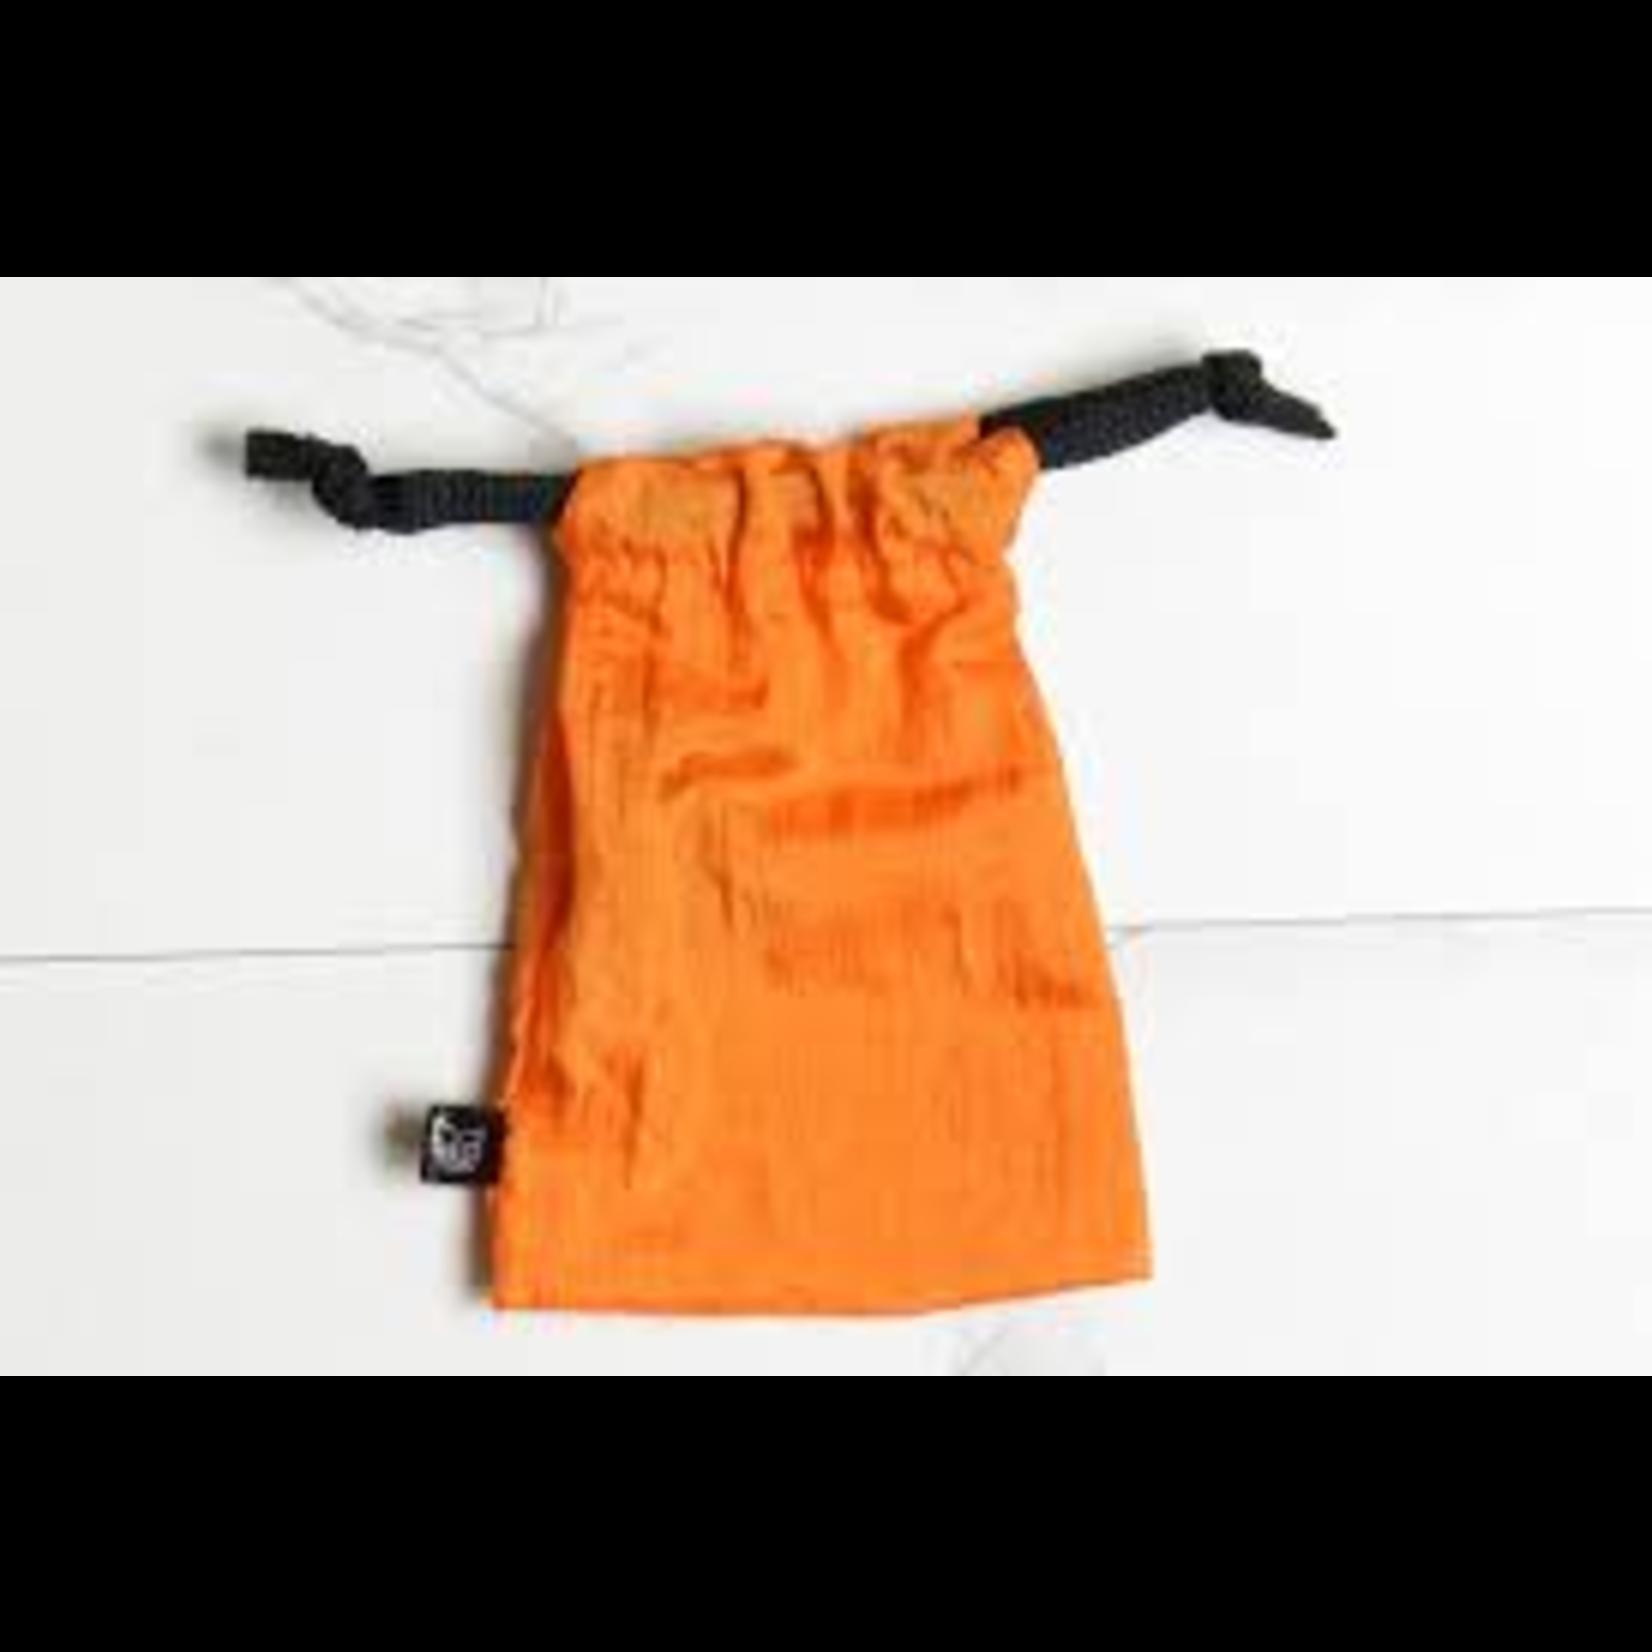 EcoSilk EcoSilk Drawstring Bag Pumpkin